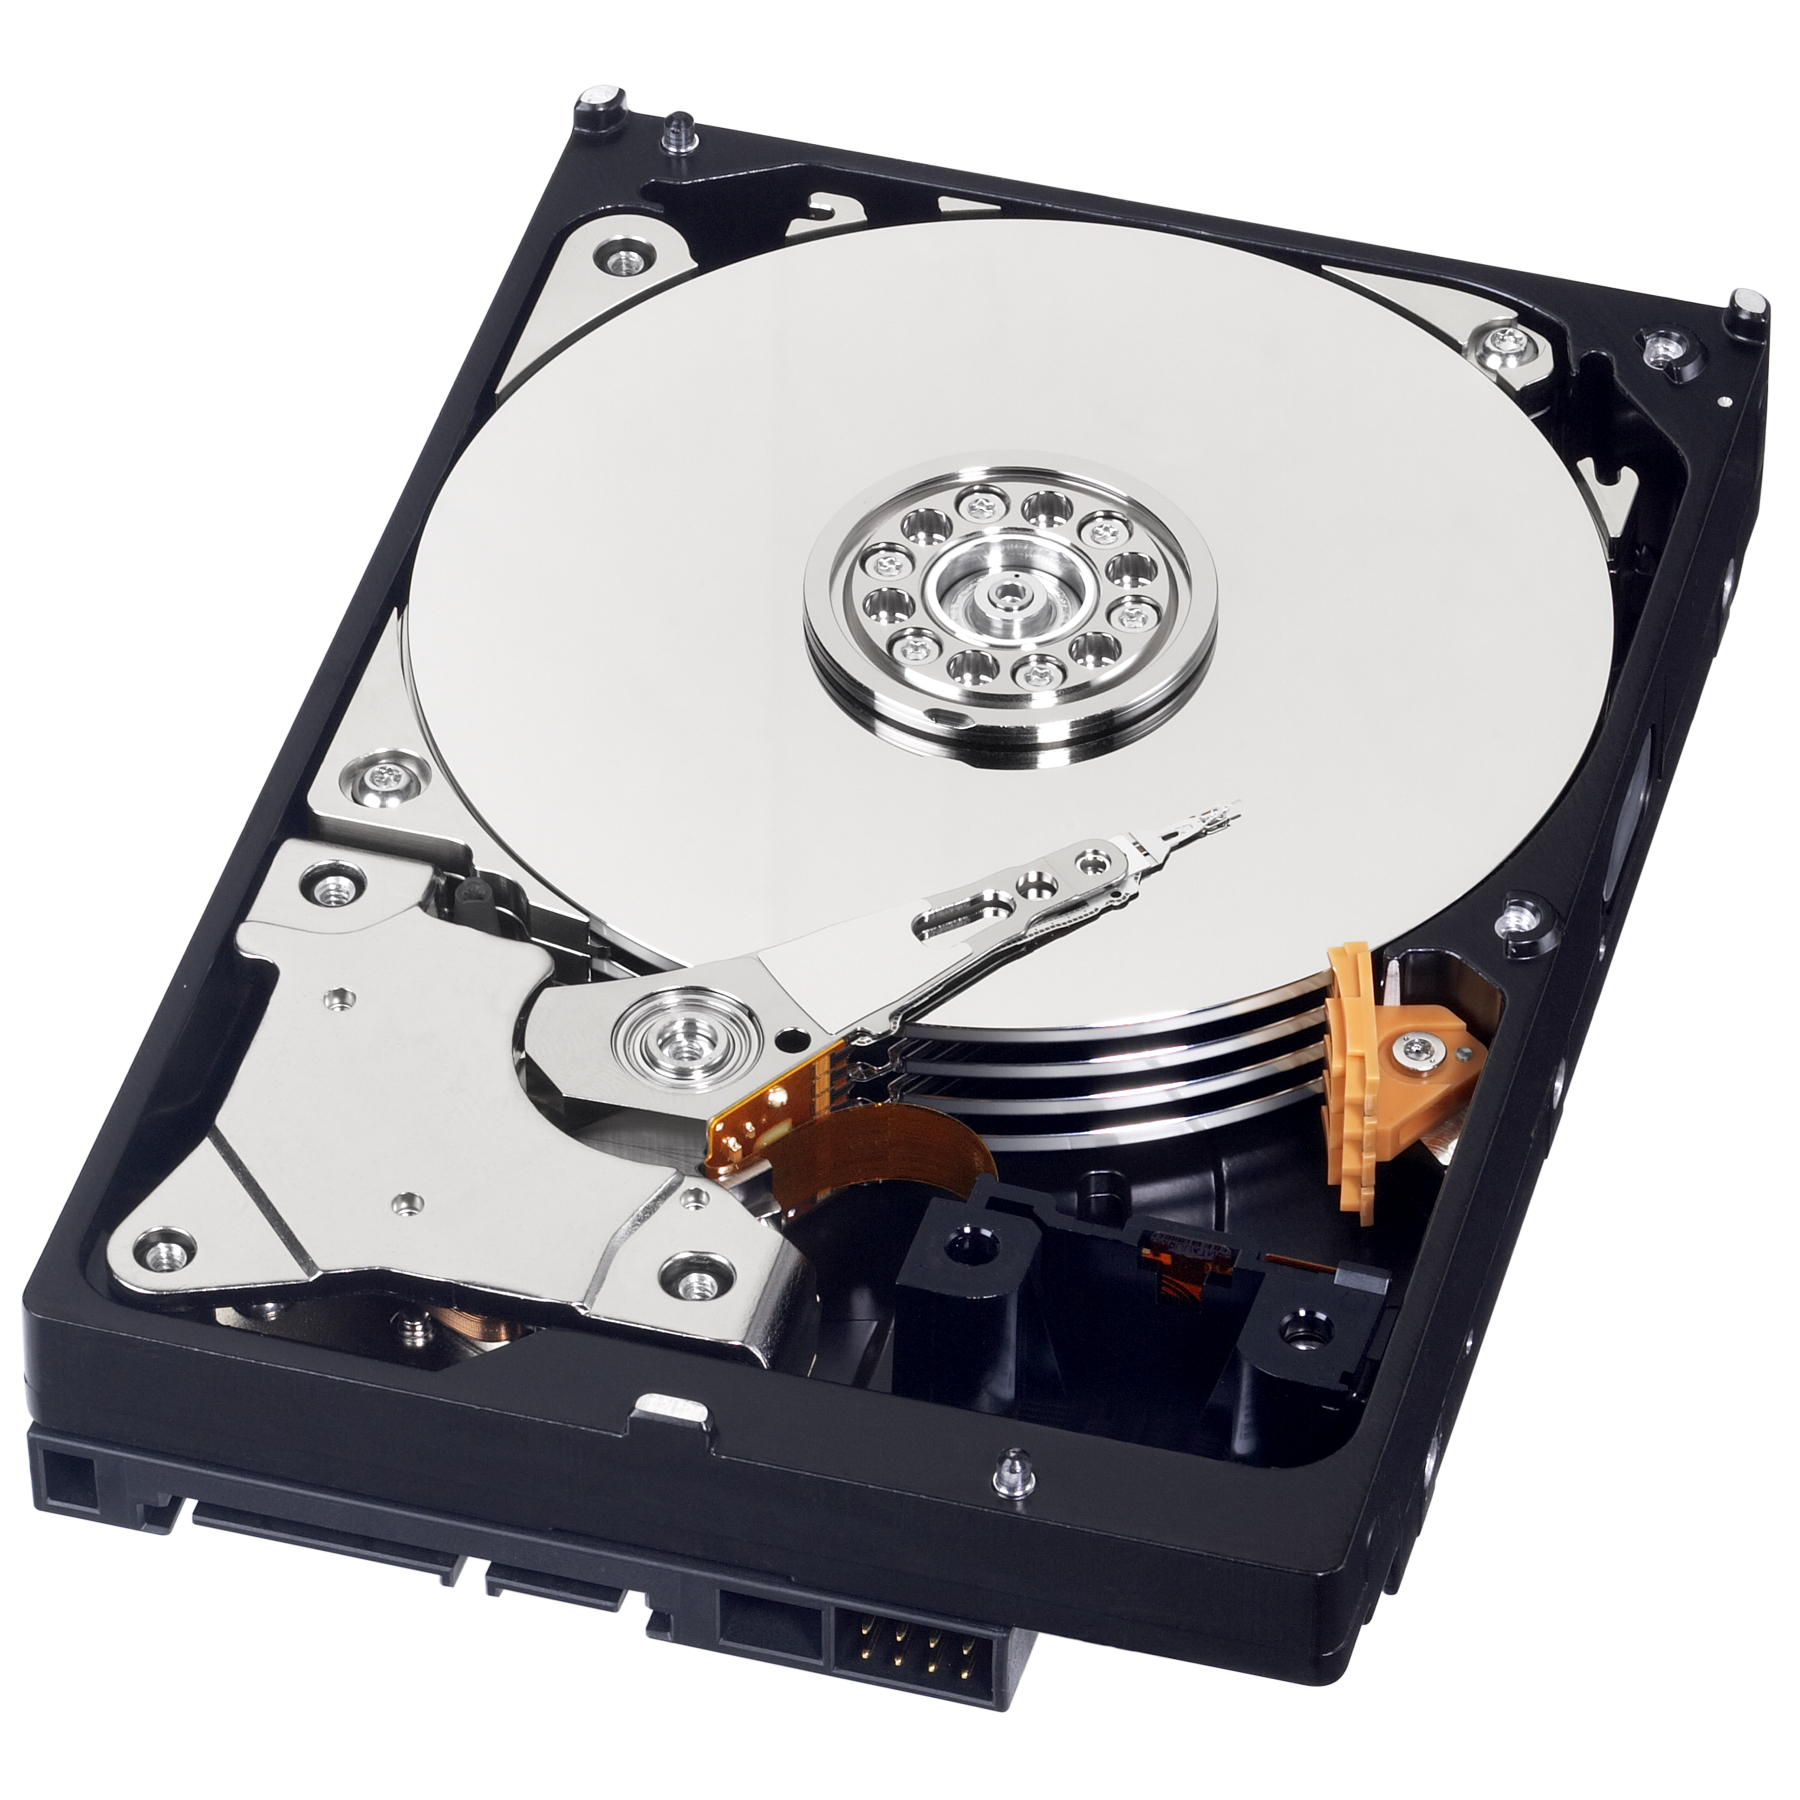 Western Digital Blue 500GB 500GB Serial ATA